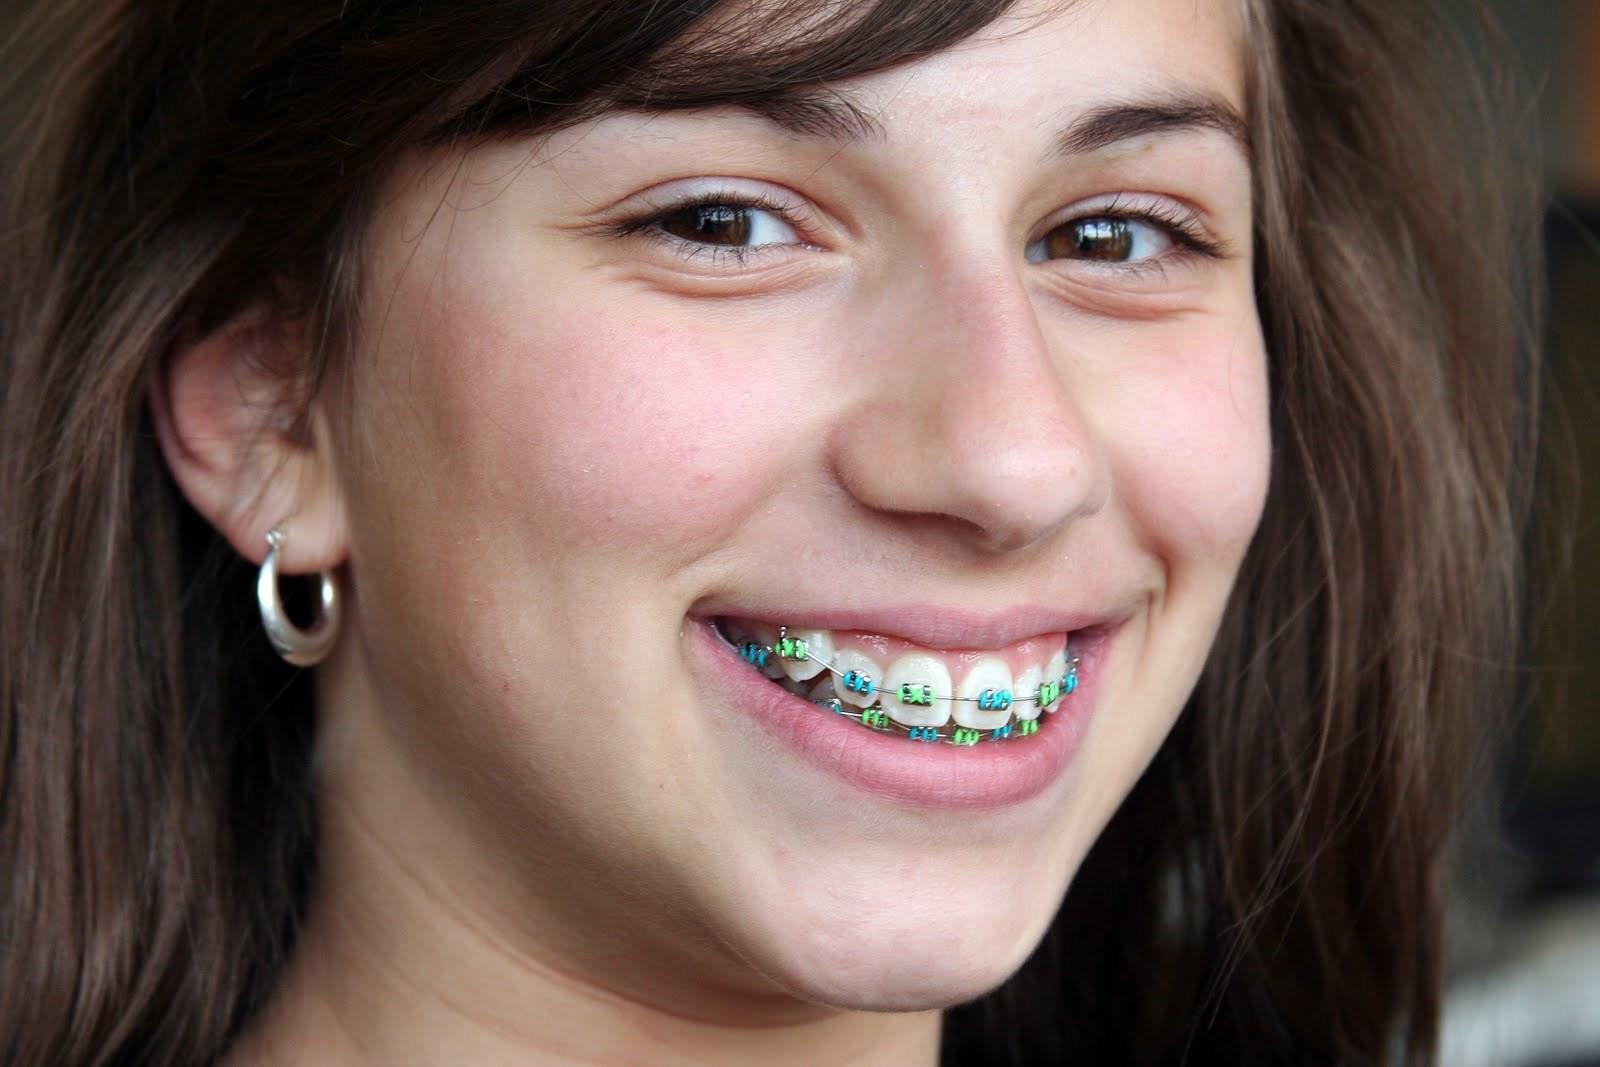 Shannon braces, cold milfs